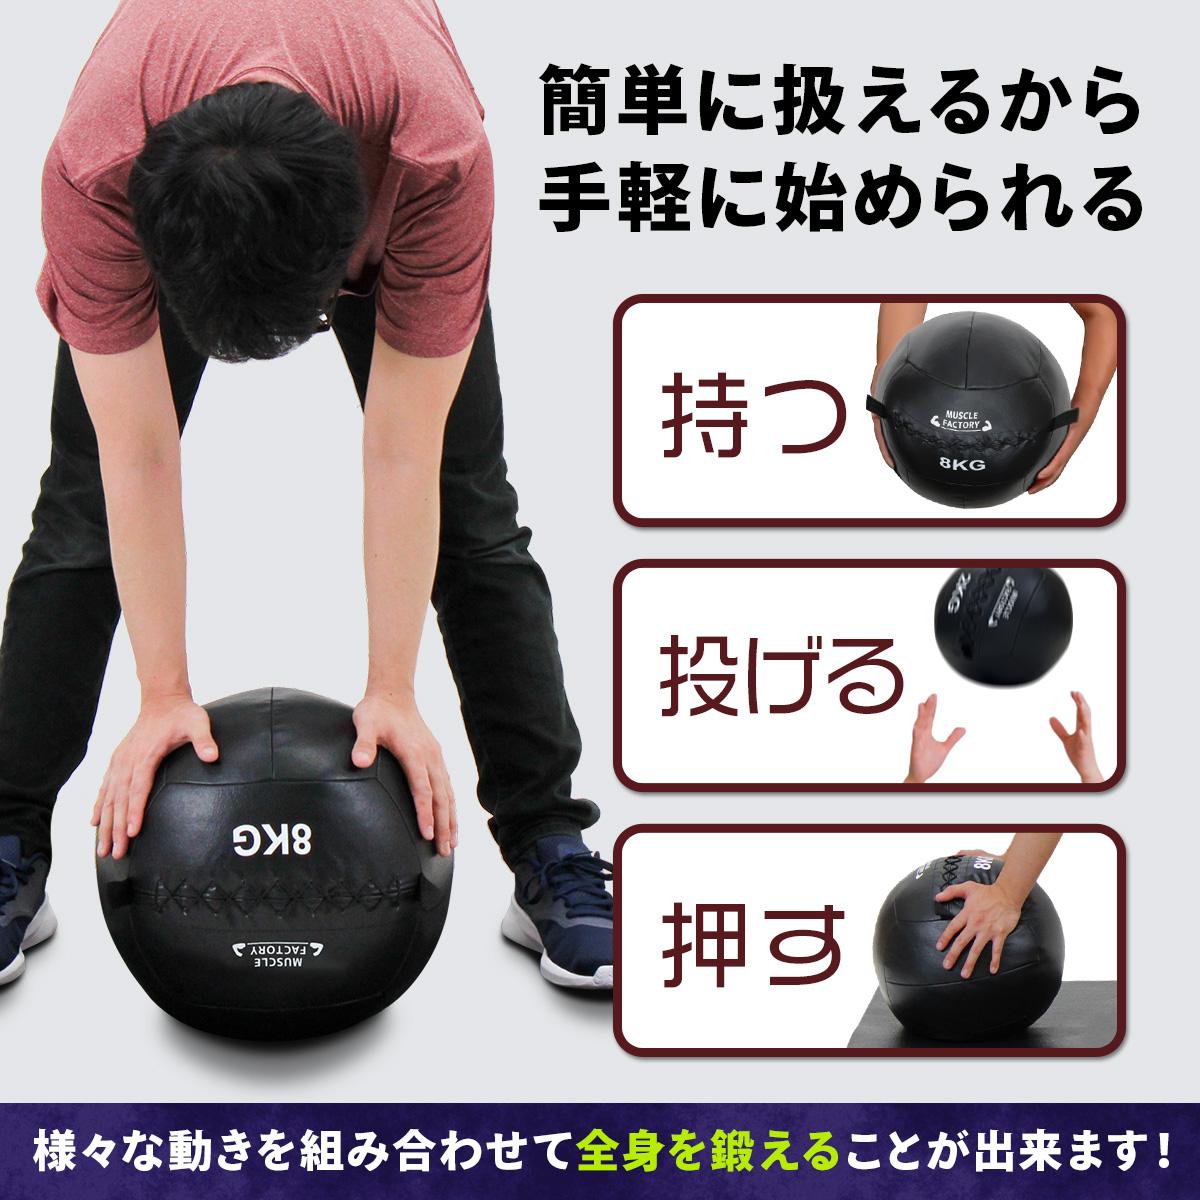 メディシンボール ソフト ウォールボール 体幹 トレーニング 筋トレ 5kg